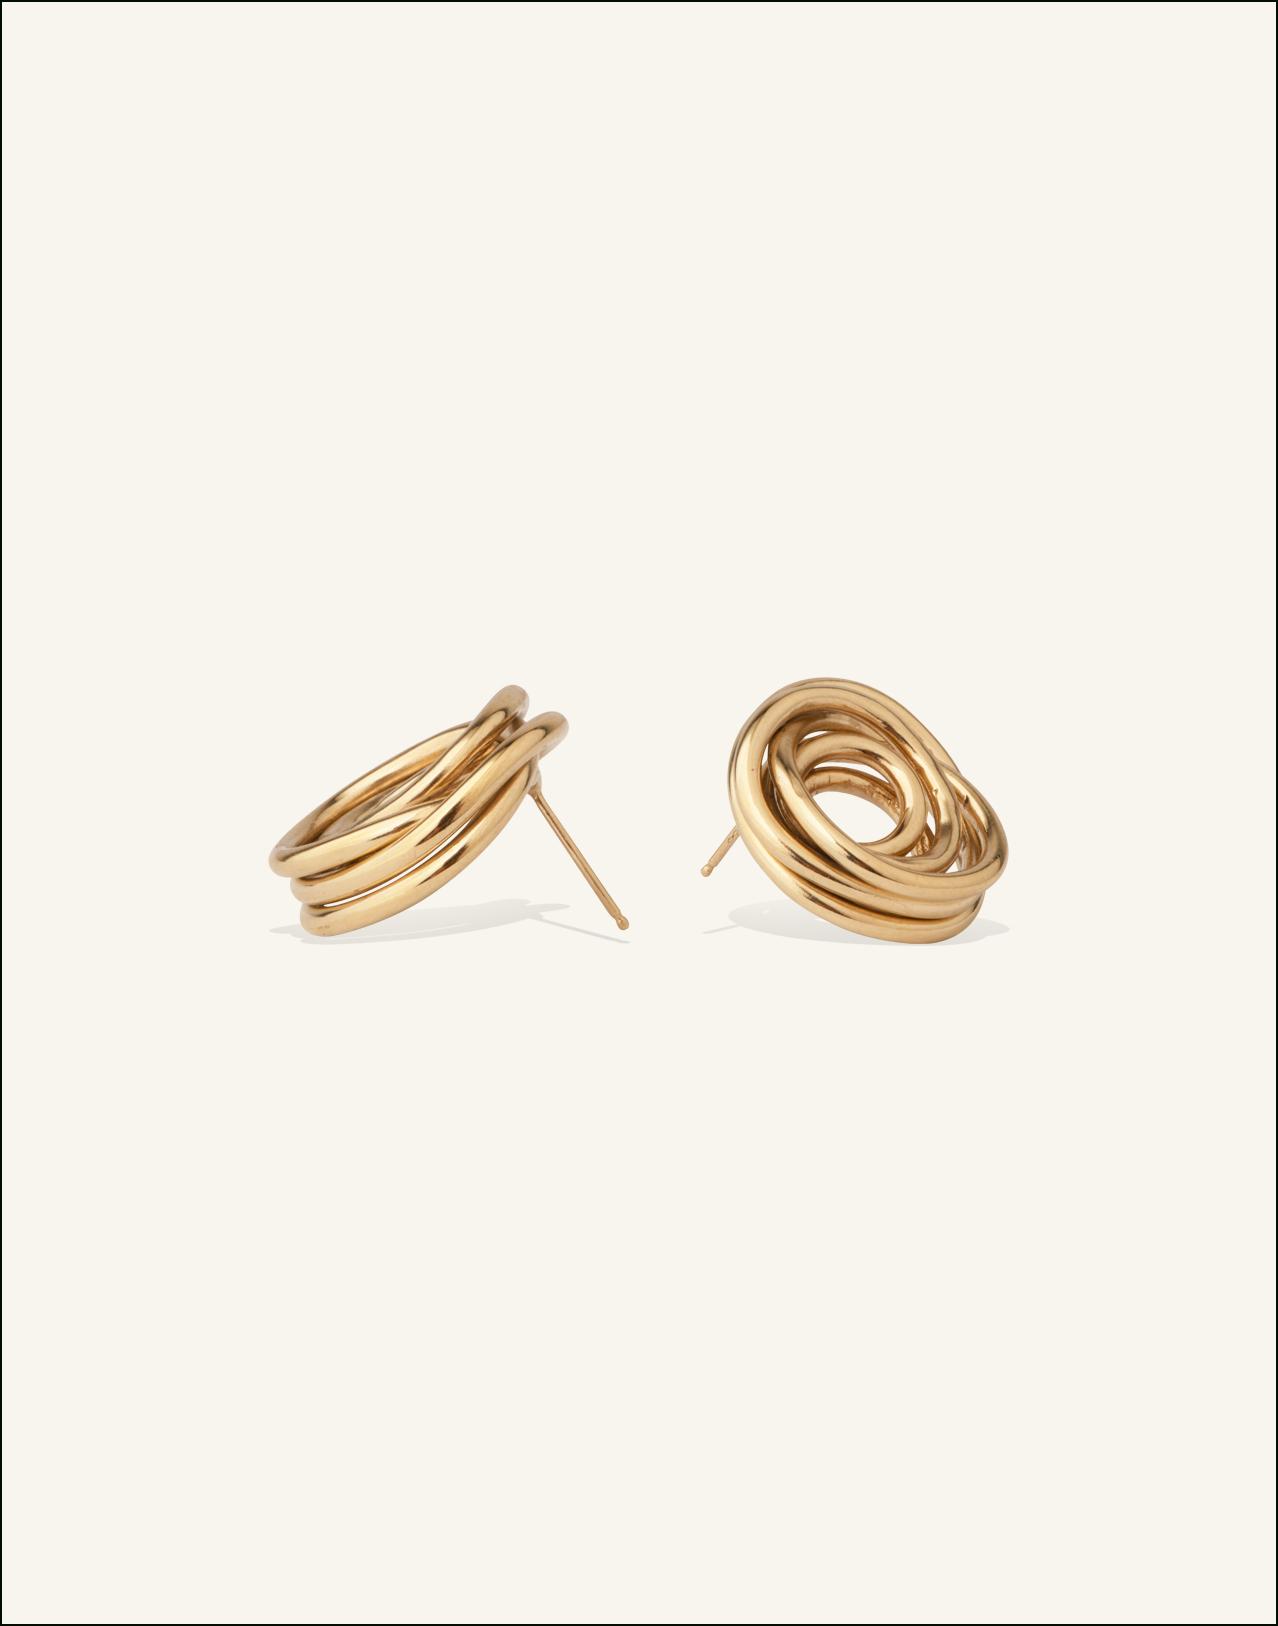 Completedworks-Earrings-Hotel-Matisse-2-1.jpg